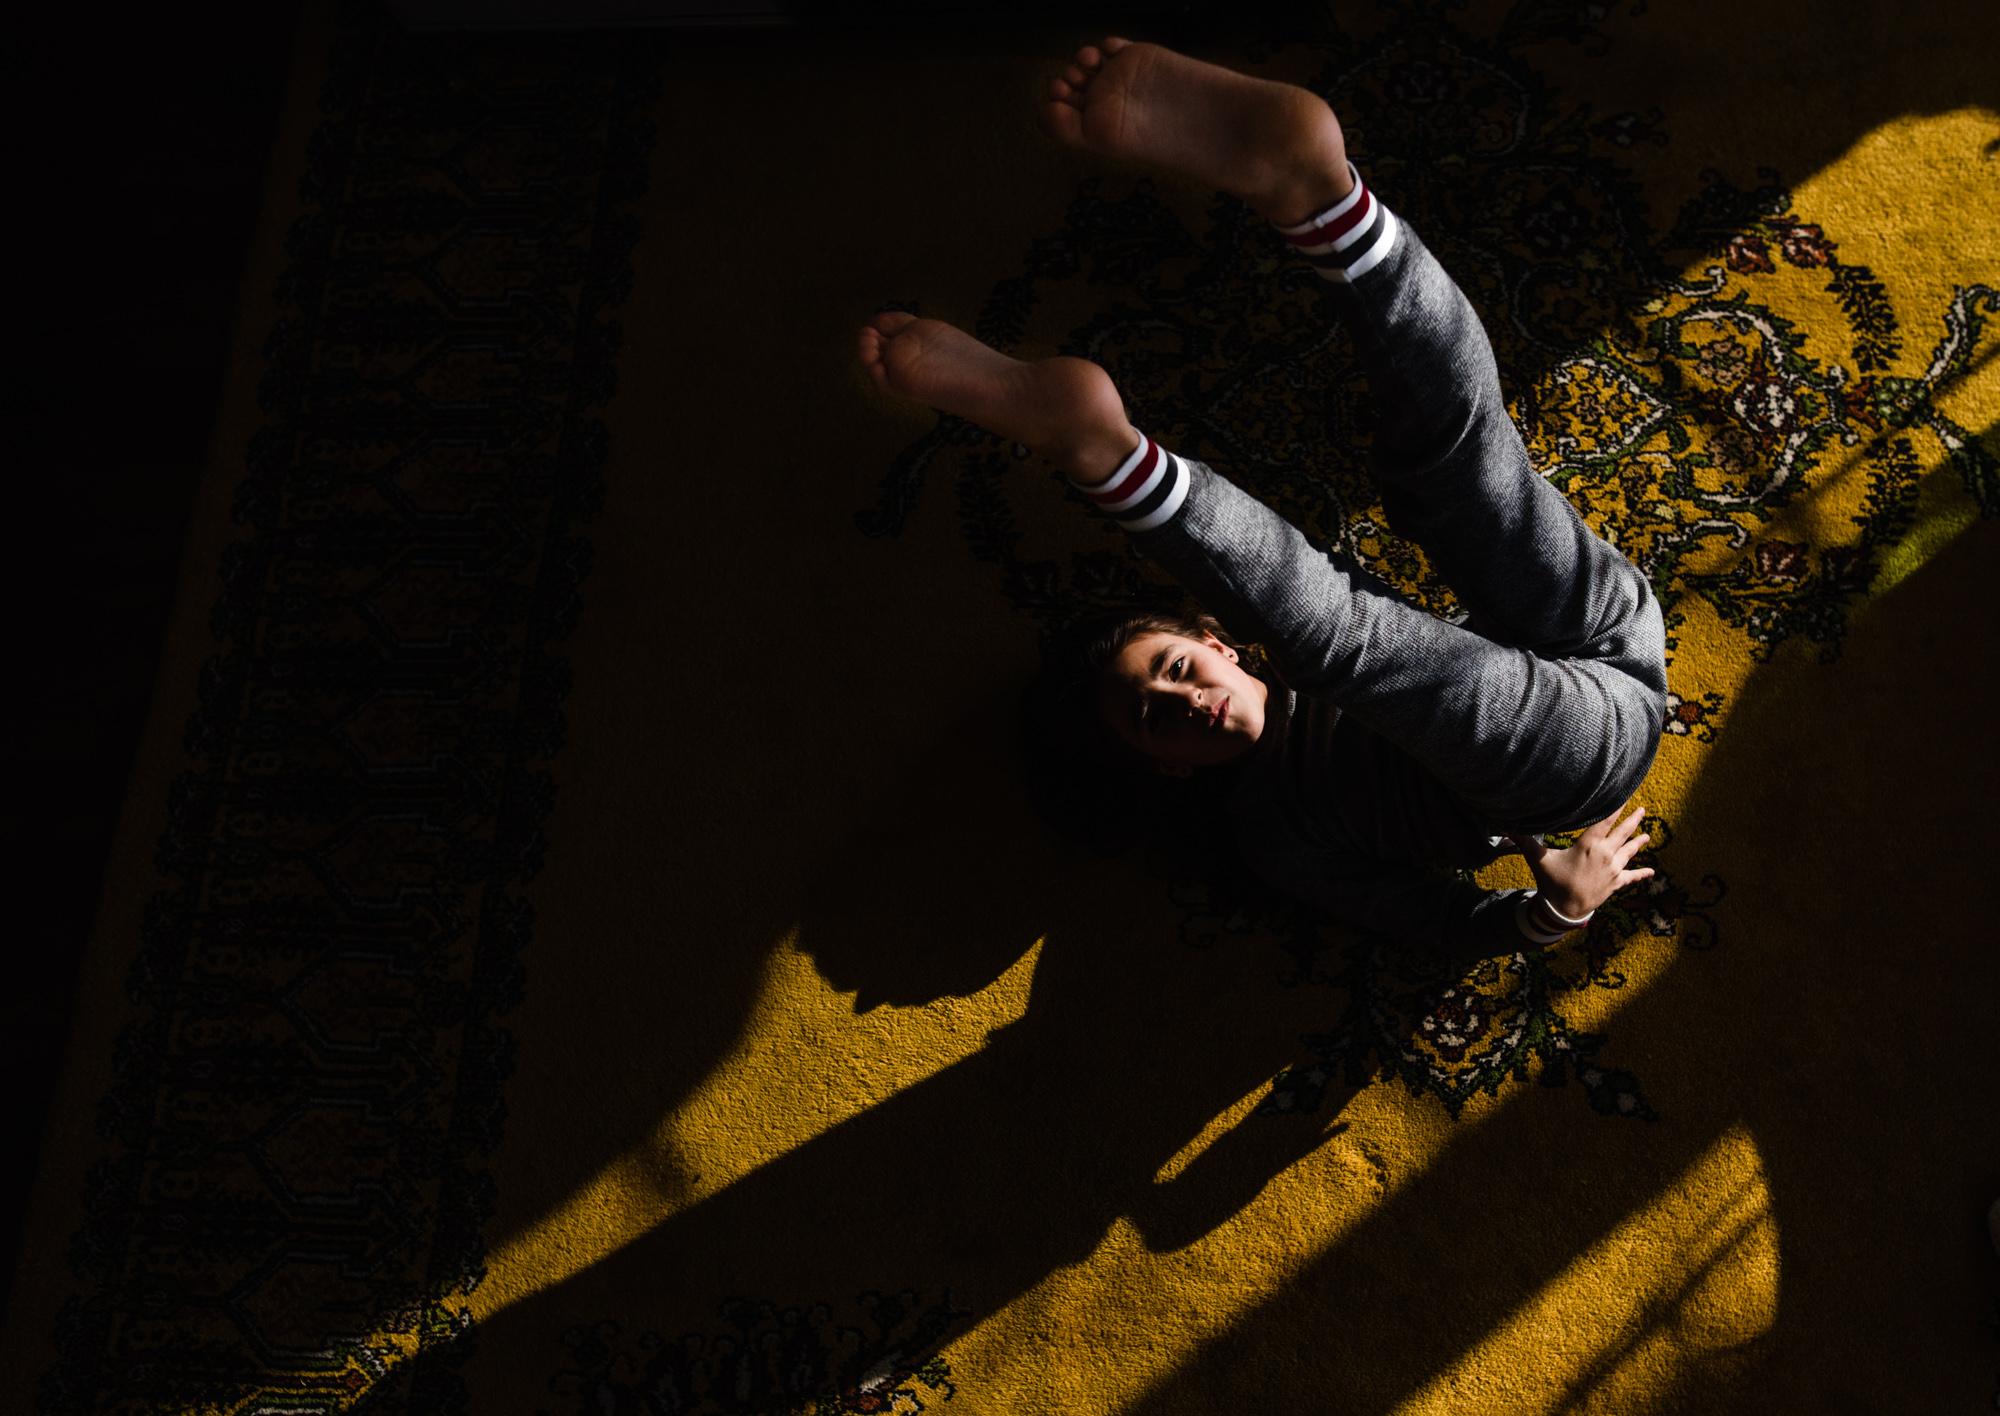 pocket of light gymnastic pose portrait